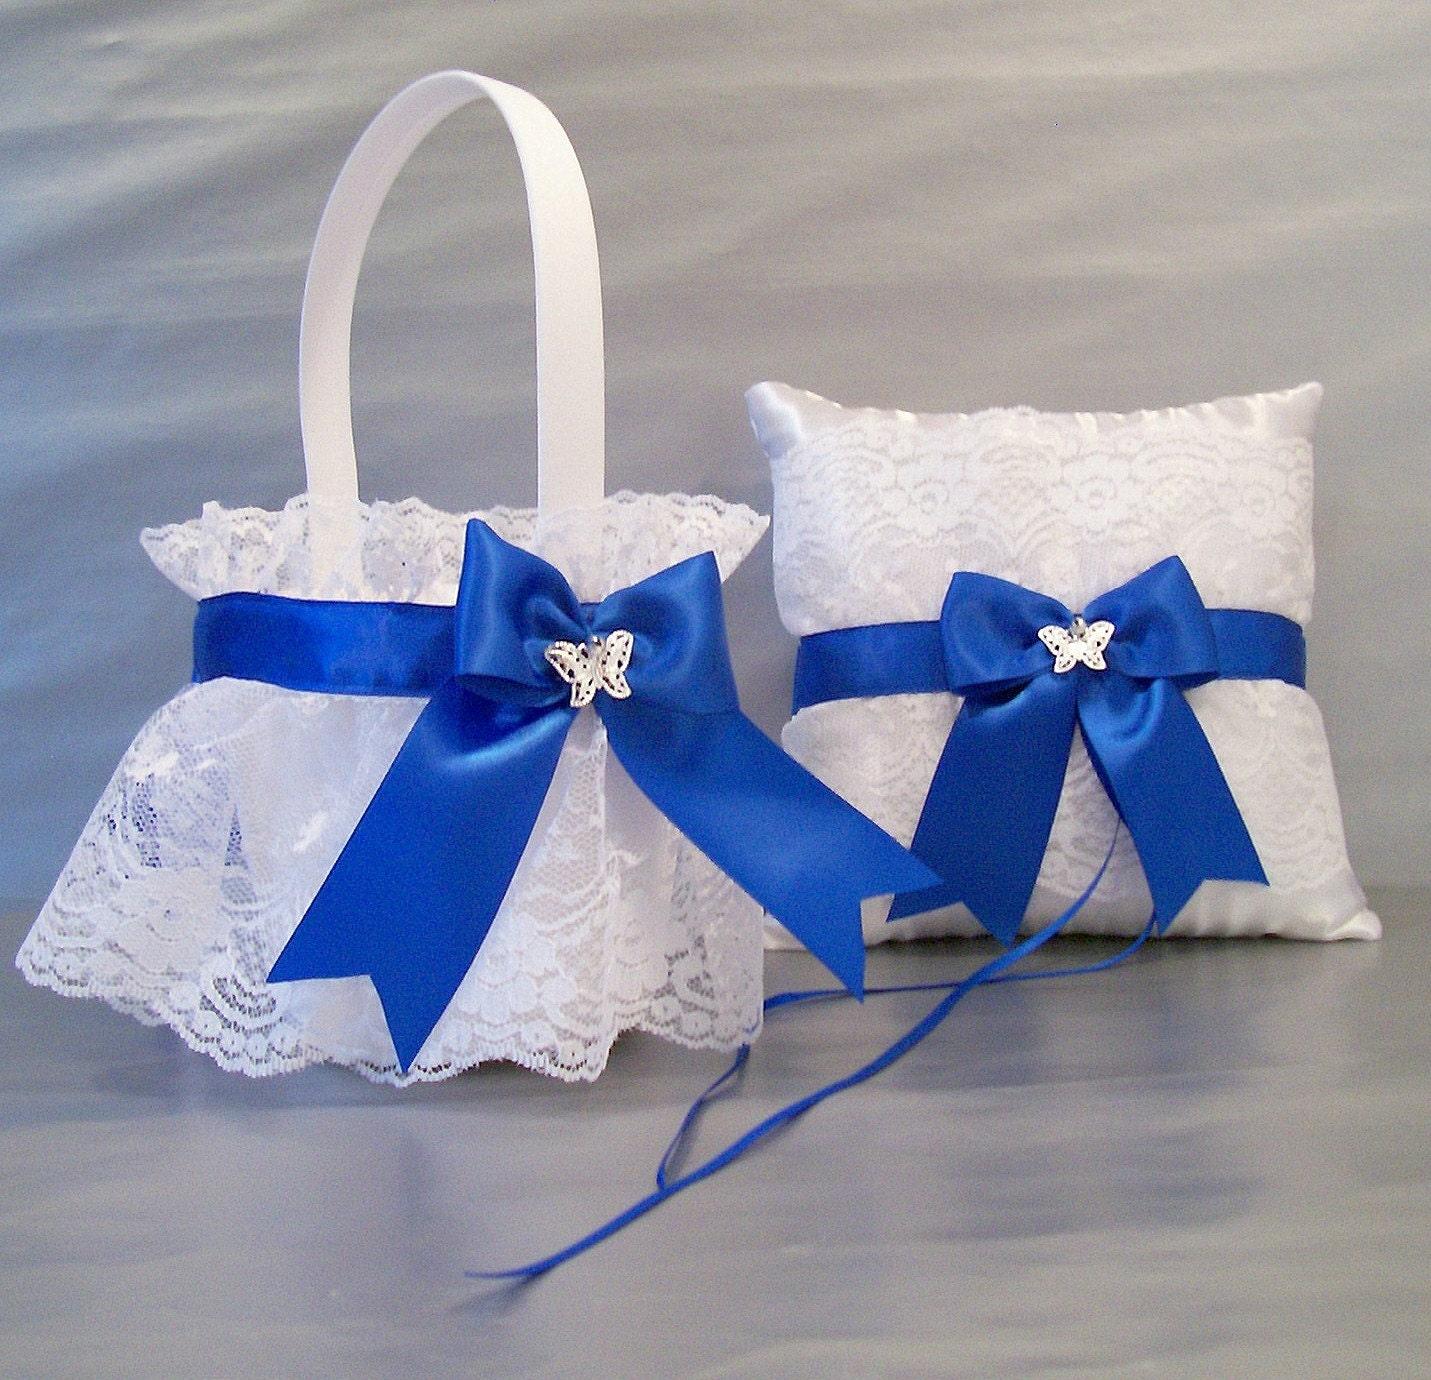 Flower Girl Baskets For Weddings: Royal Blue Wedding Bridal Flower Girl Basket And By